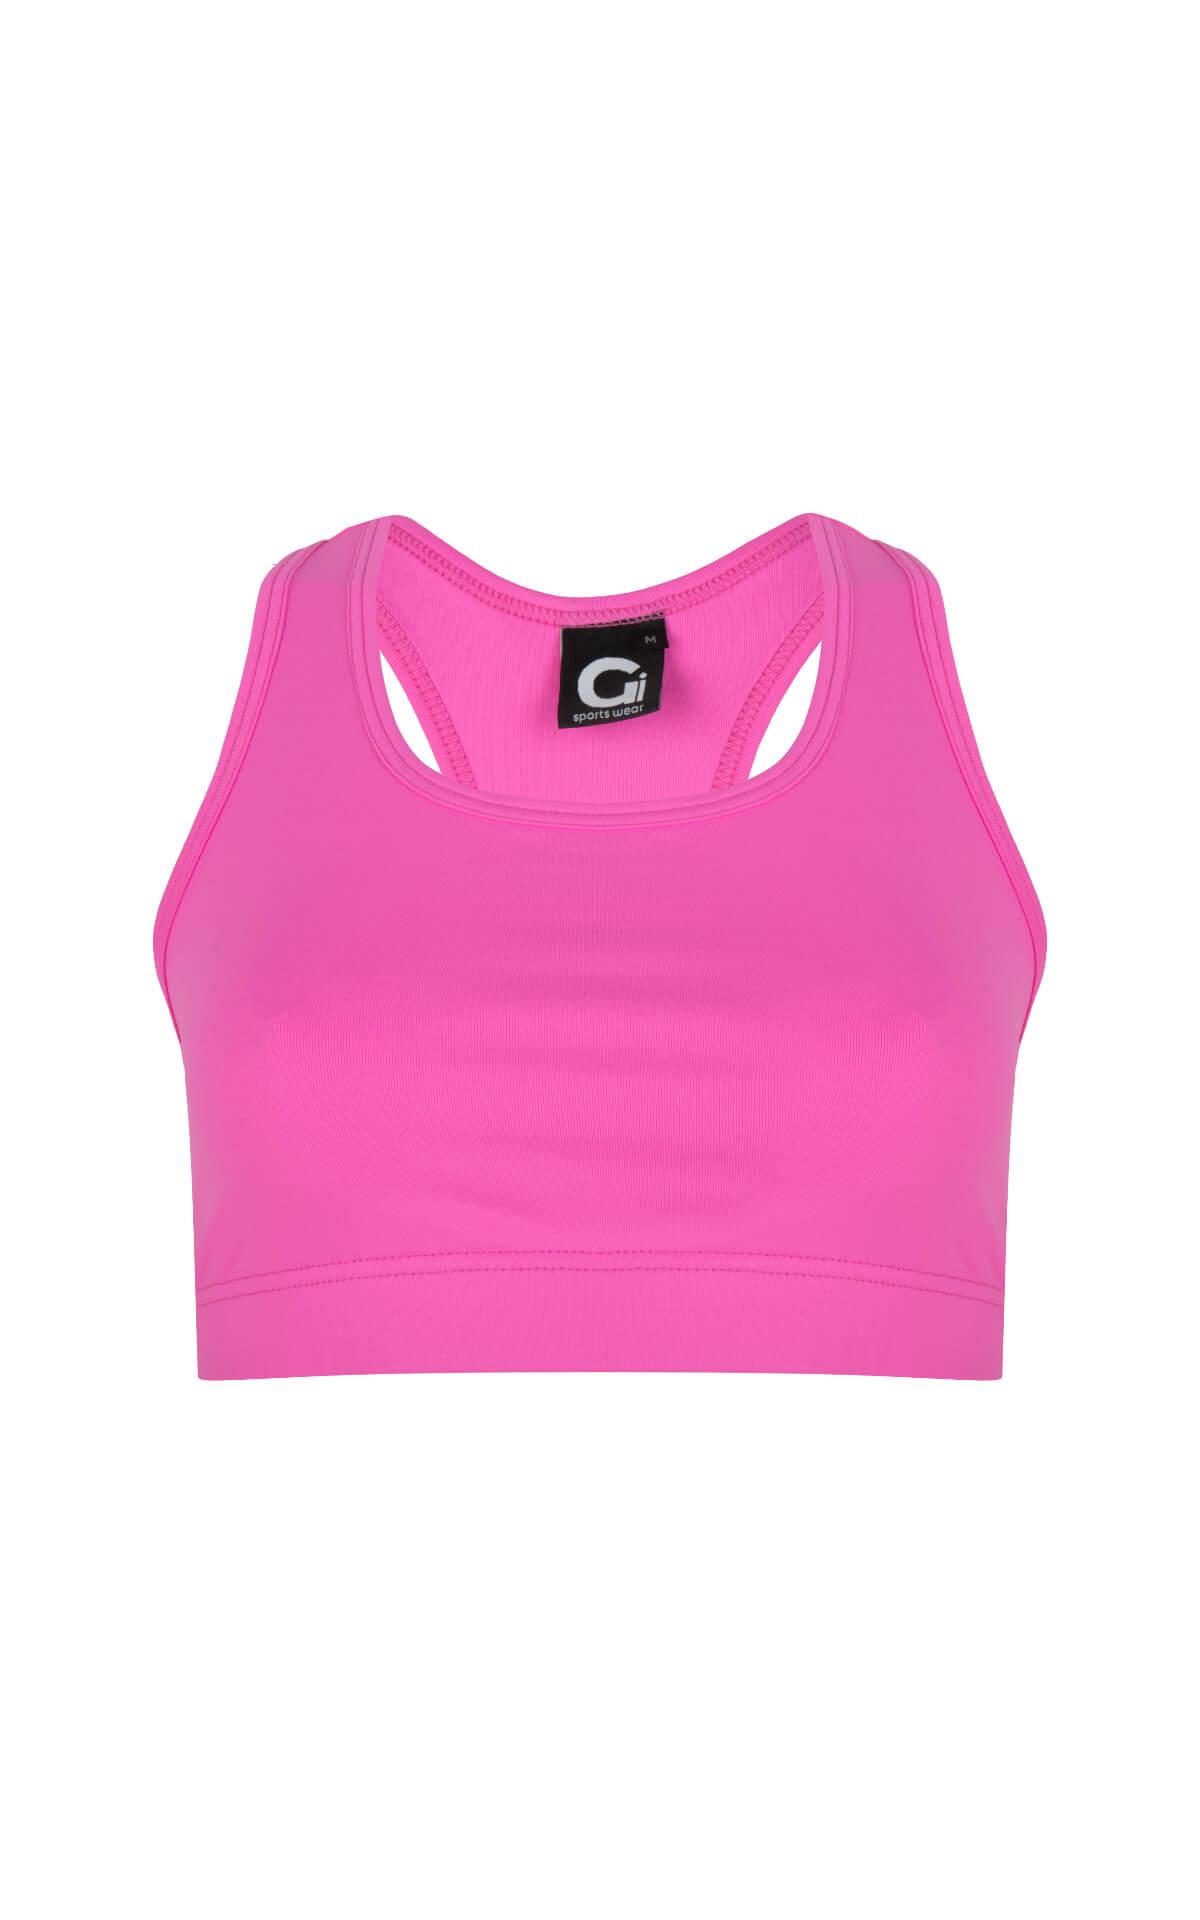 Bratop Pink Supplex Gd31001